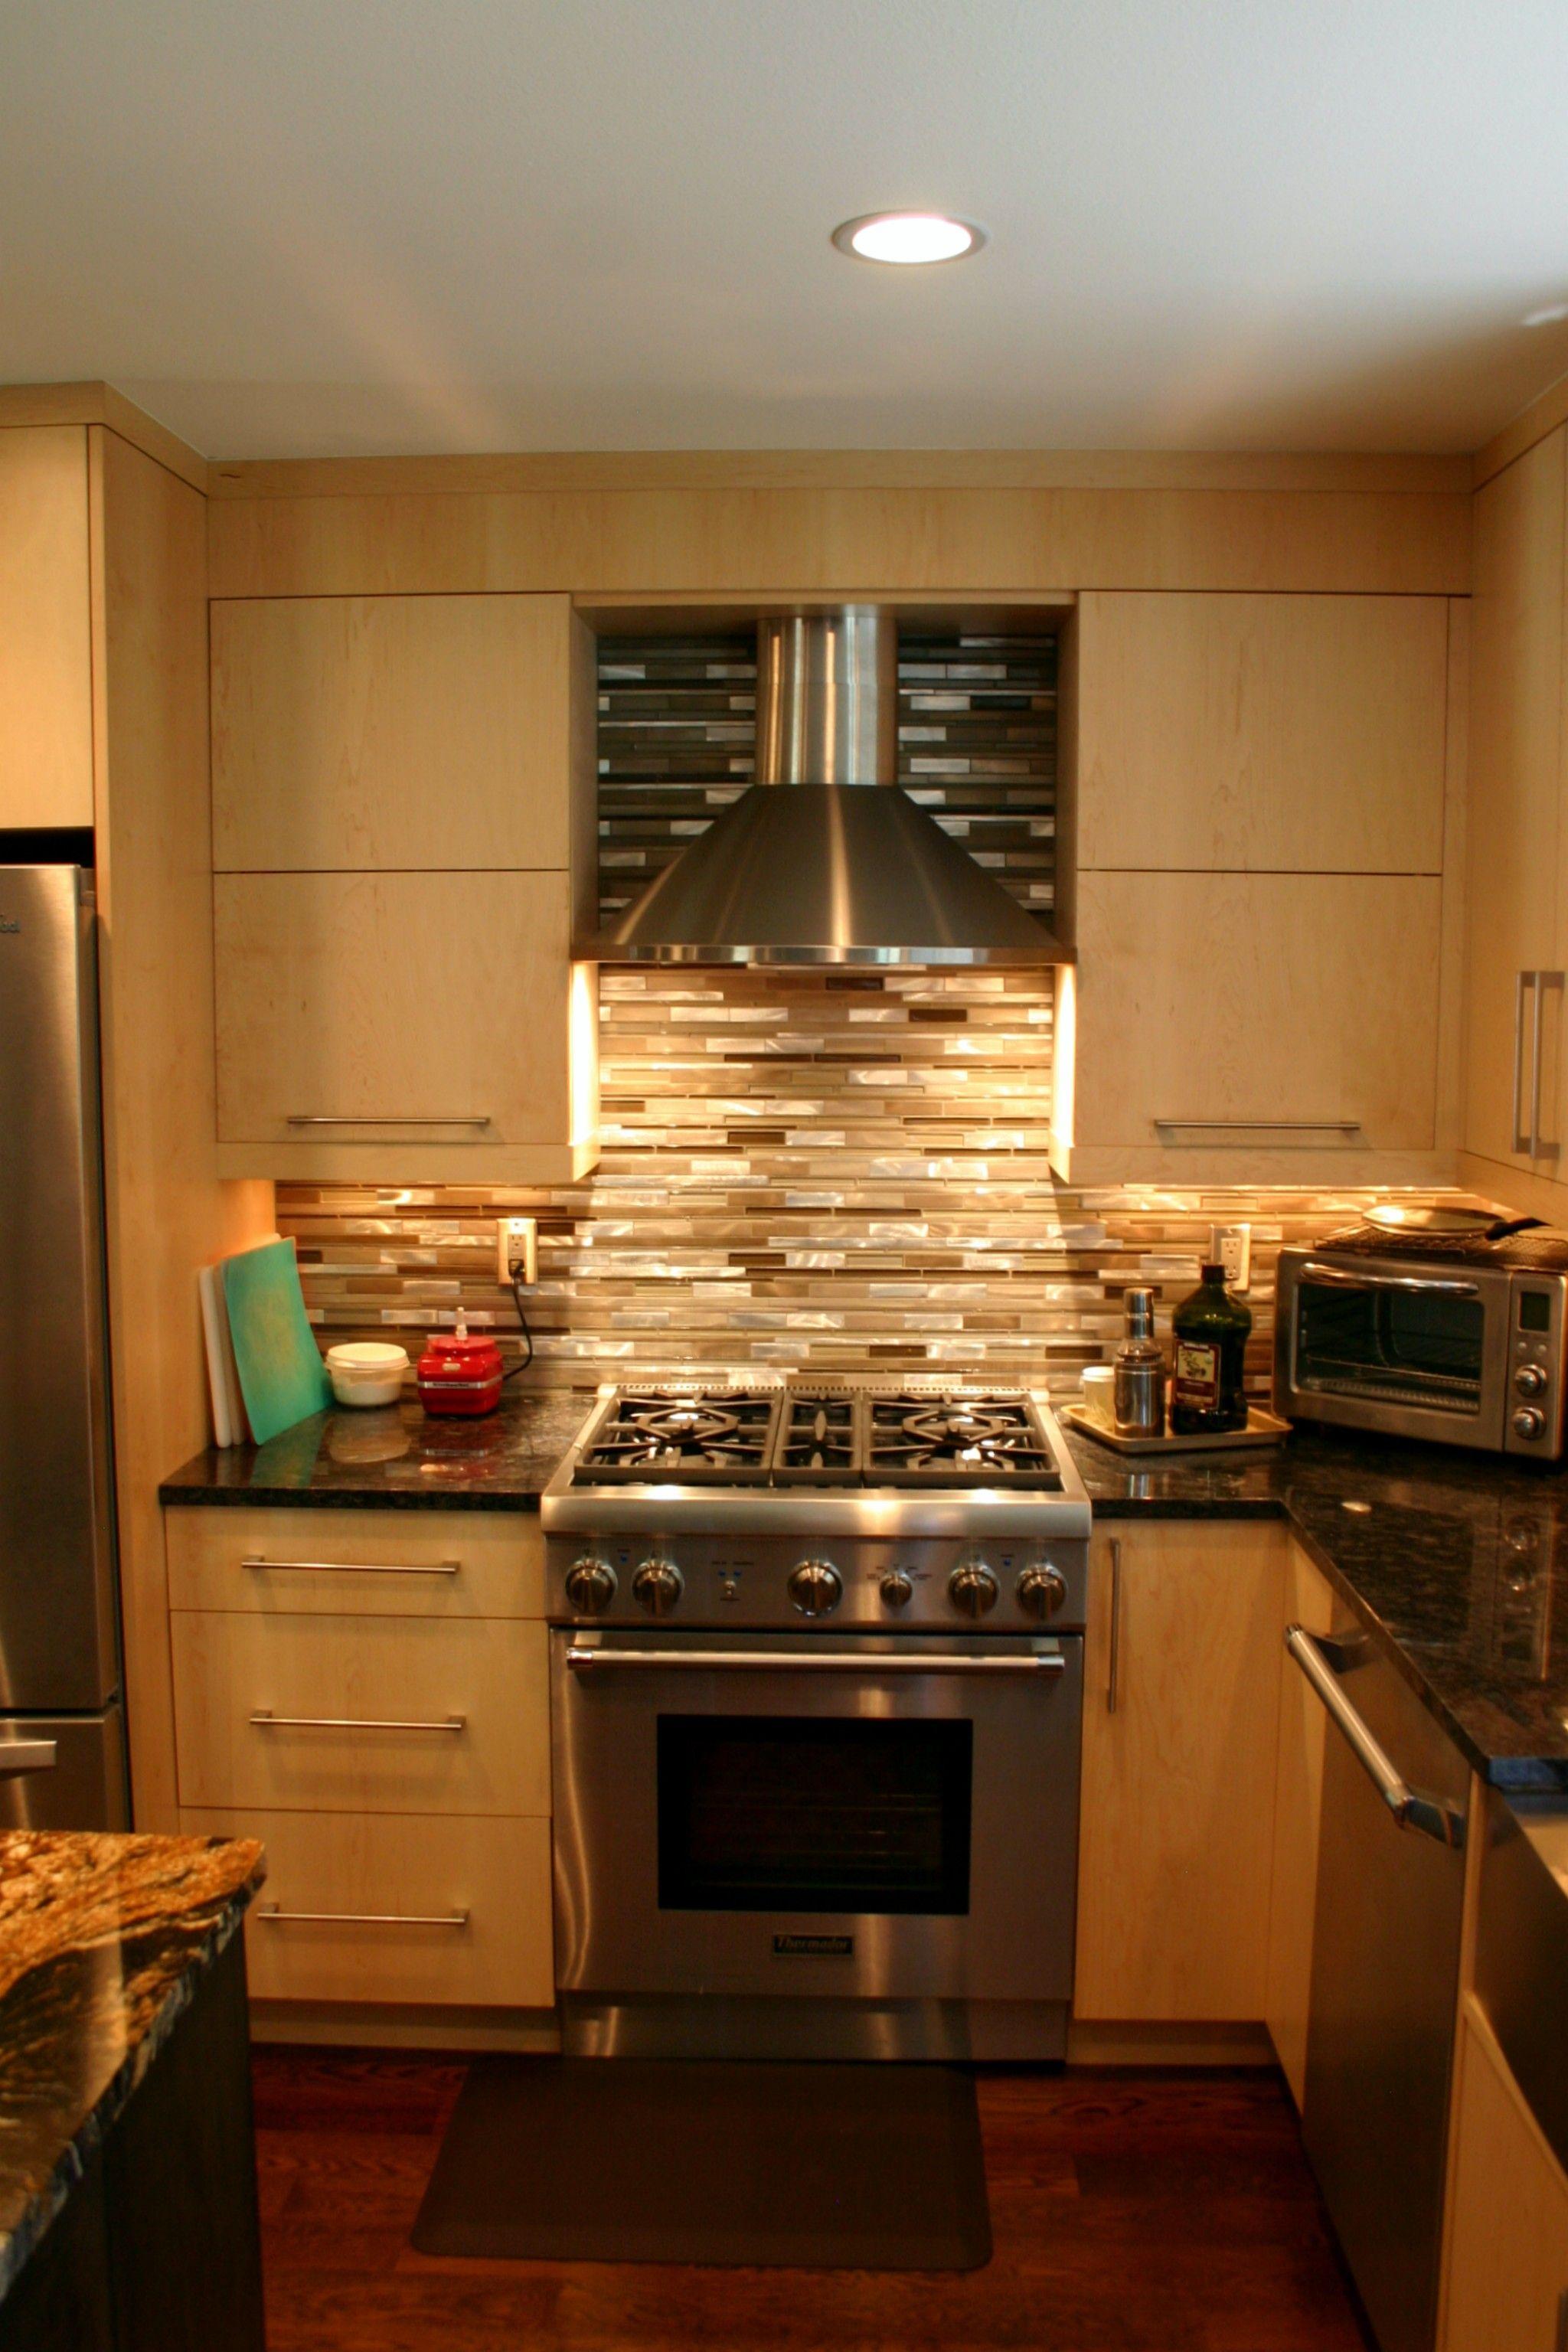 bkc kitchen and bath denver kitchen remodel - crystal cabinet works